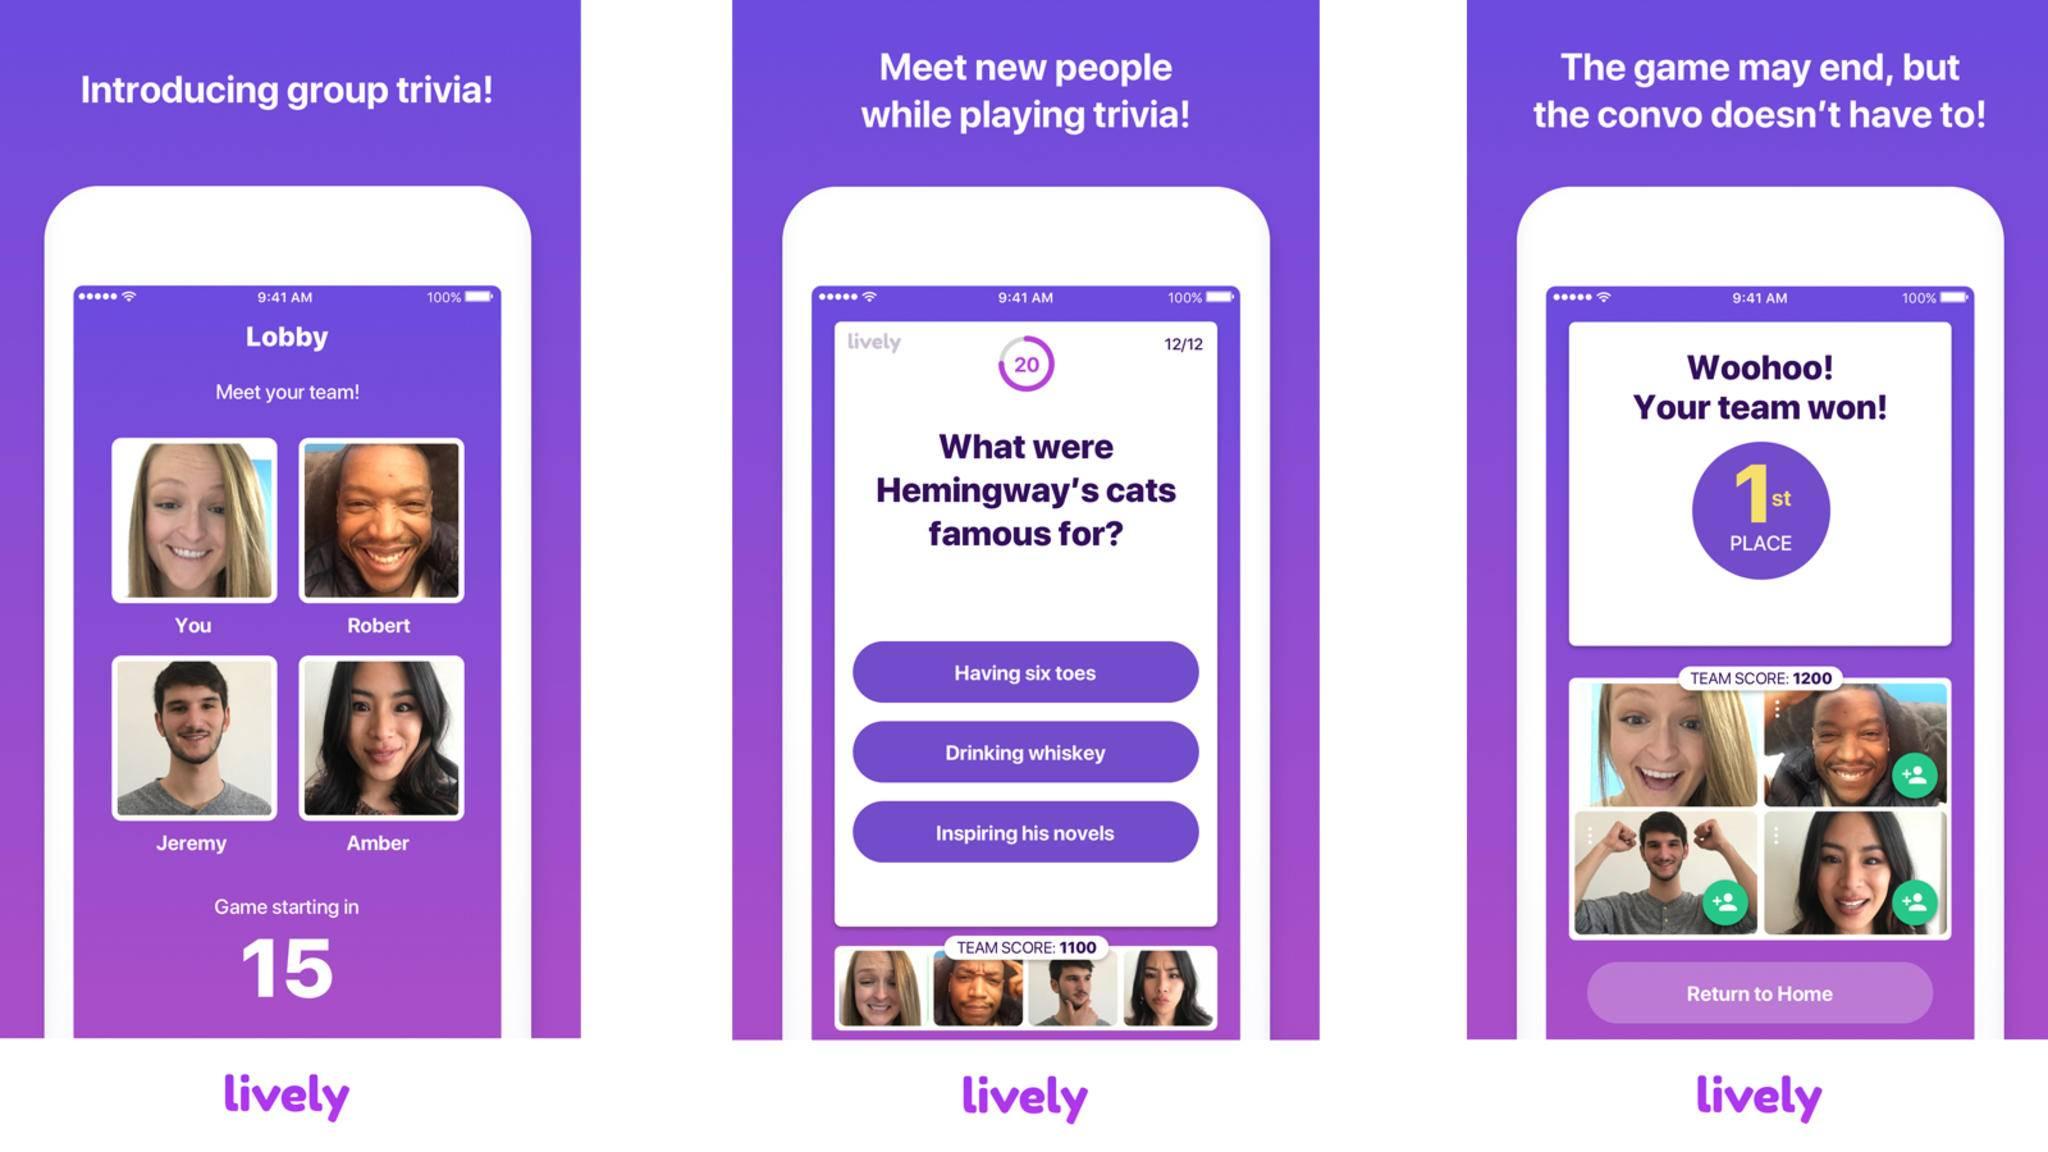 In der Neuauflage der Dating-App Lively können sich Nutzer in Teams von zwei bis vier Spielern lustigen Trivia-Aufgaben stellen.